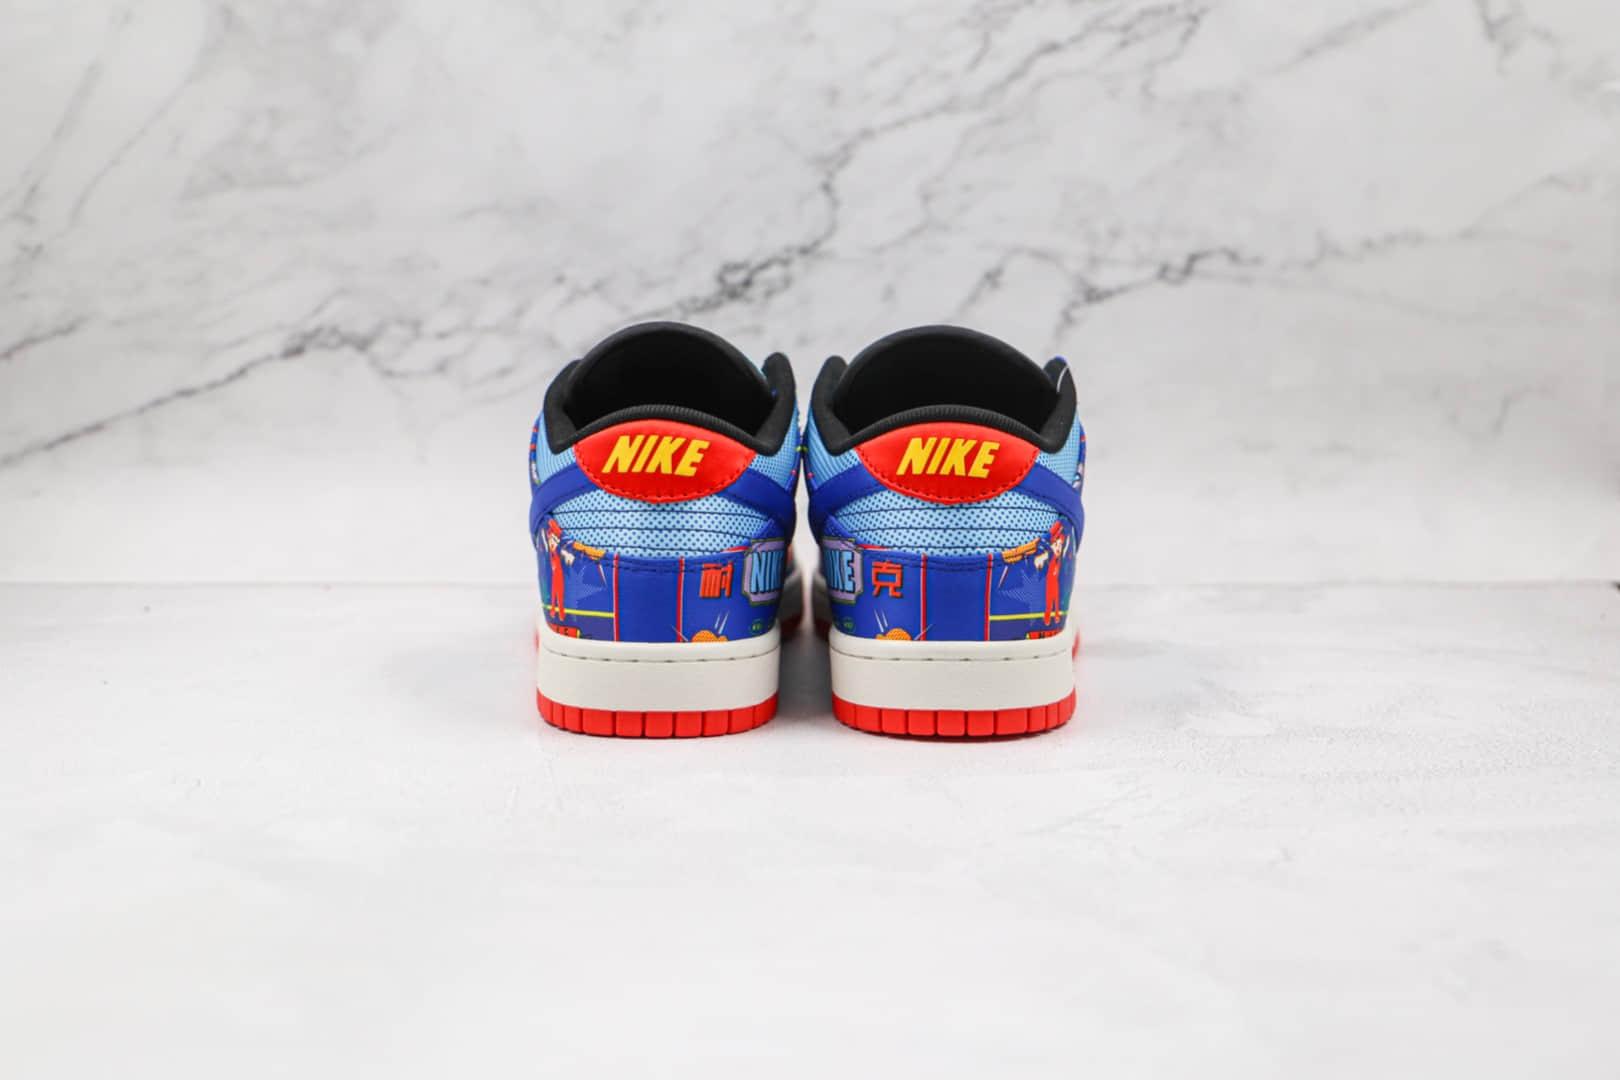 耐克Nike Dunk Low Firecracker纯原版本低帮SB DUNK蓝红鞭炮刮刮乐板鞋原档案数据开发 货号:DH4966-446